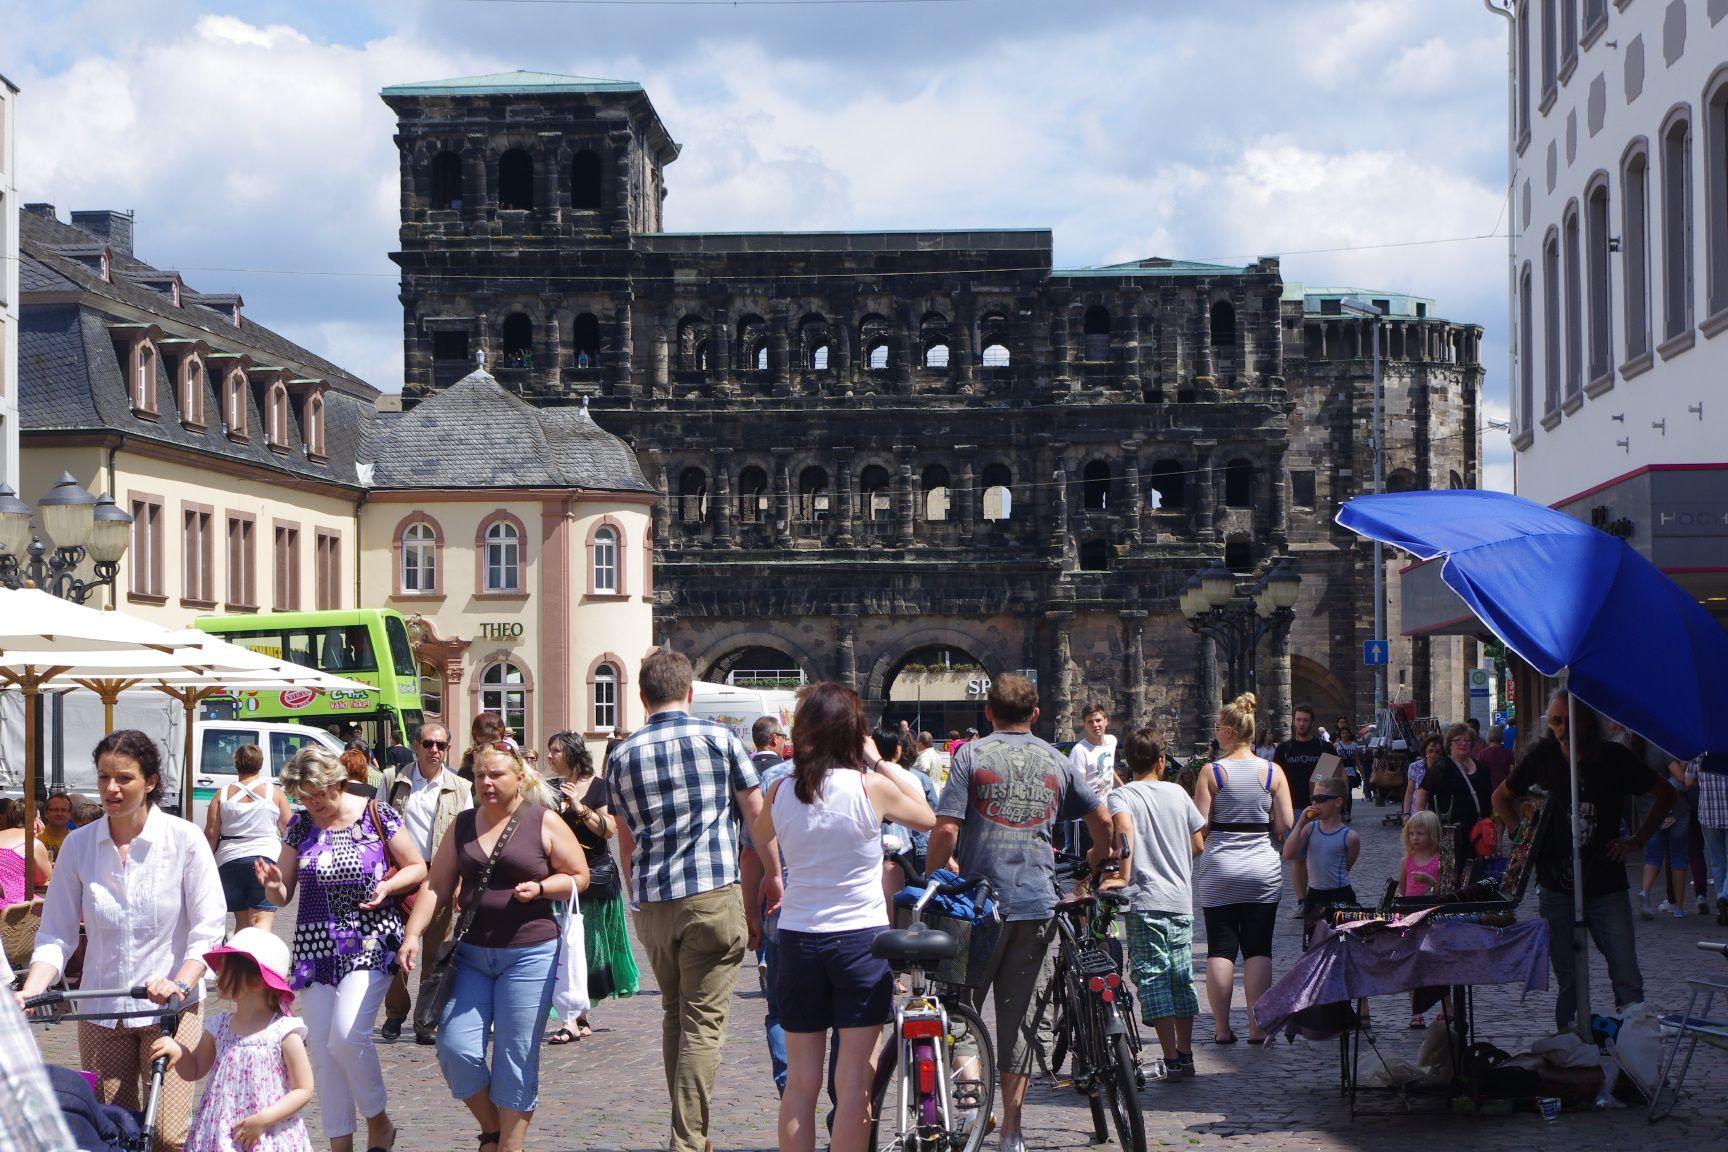 Altstadt Trier: gefüllte Straßen. Echte römische Historie. Geht sowas in Berlin? (Foto: André Franke)